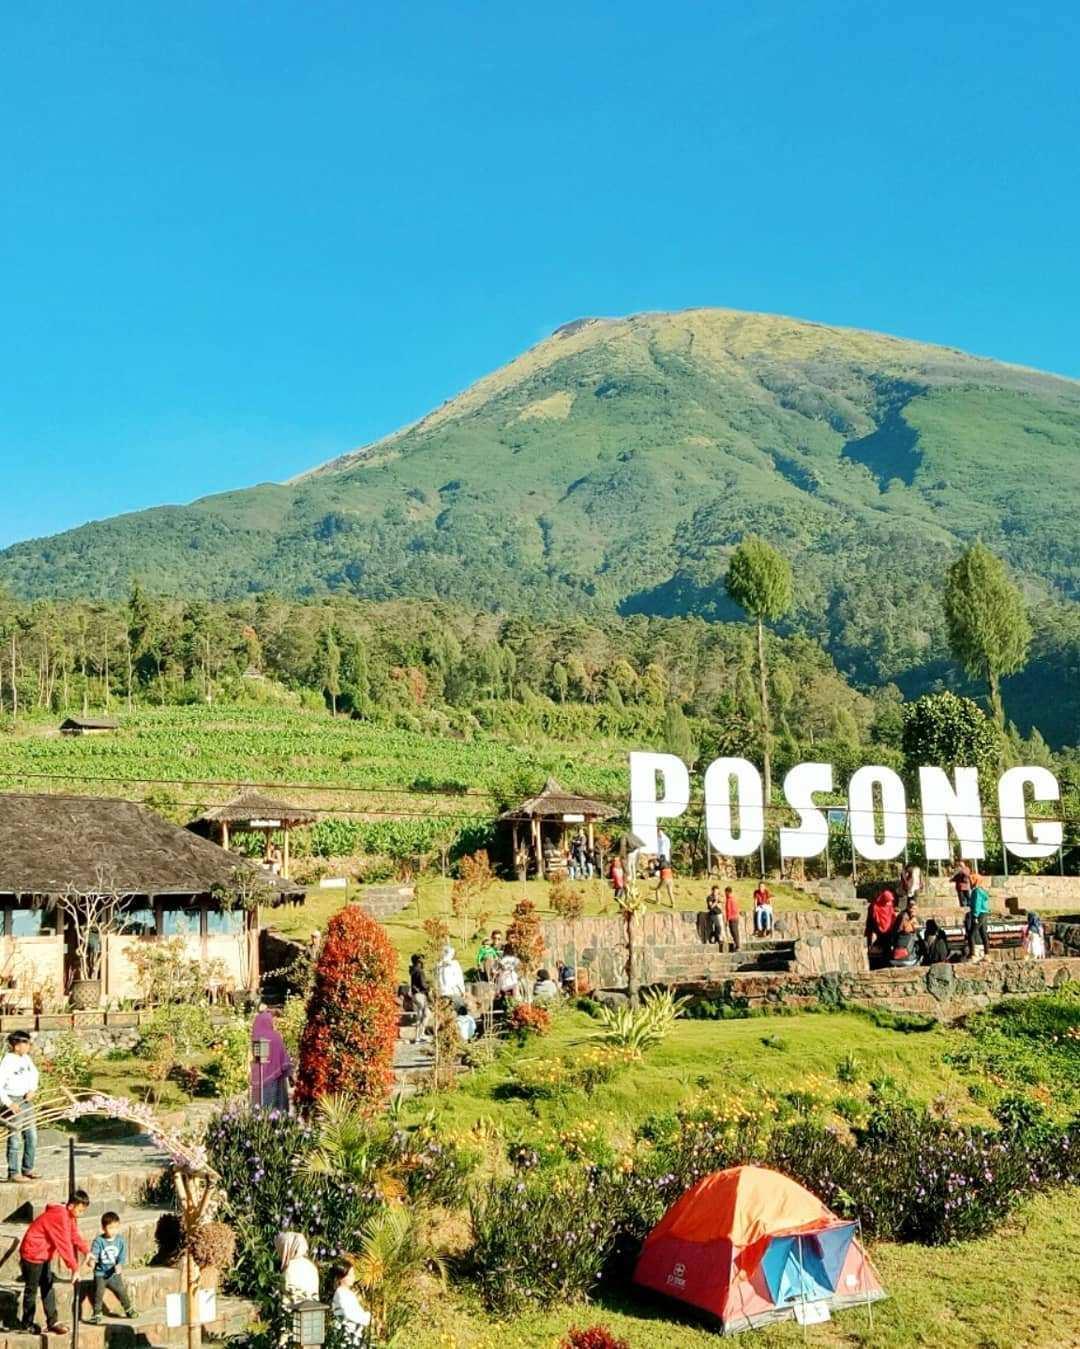 Keramaian Wisatawan Di Wisata Alam Posong, Image From @noermalitatiwi